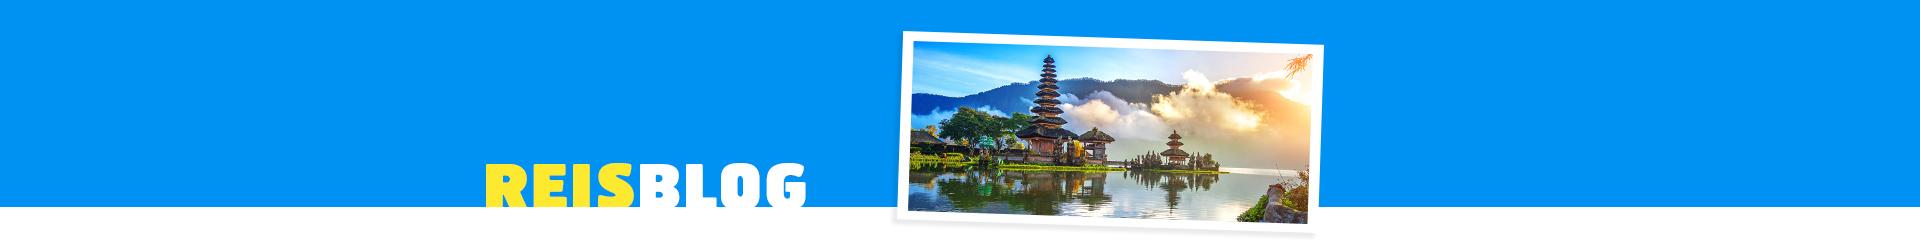 De leukste tips voor een onvergetelijke tijd op Bali